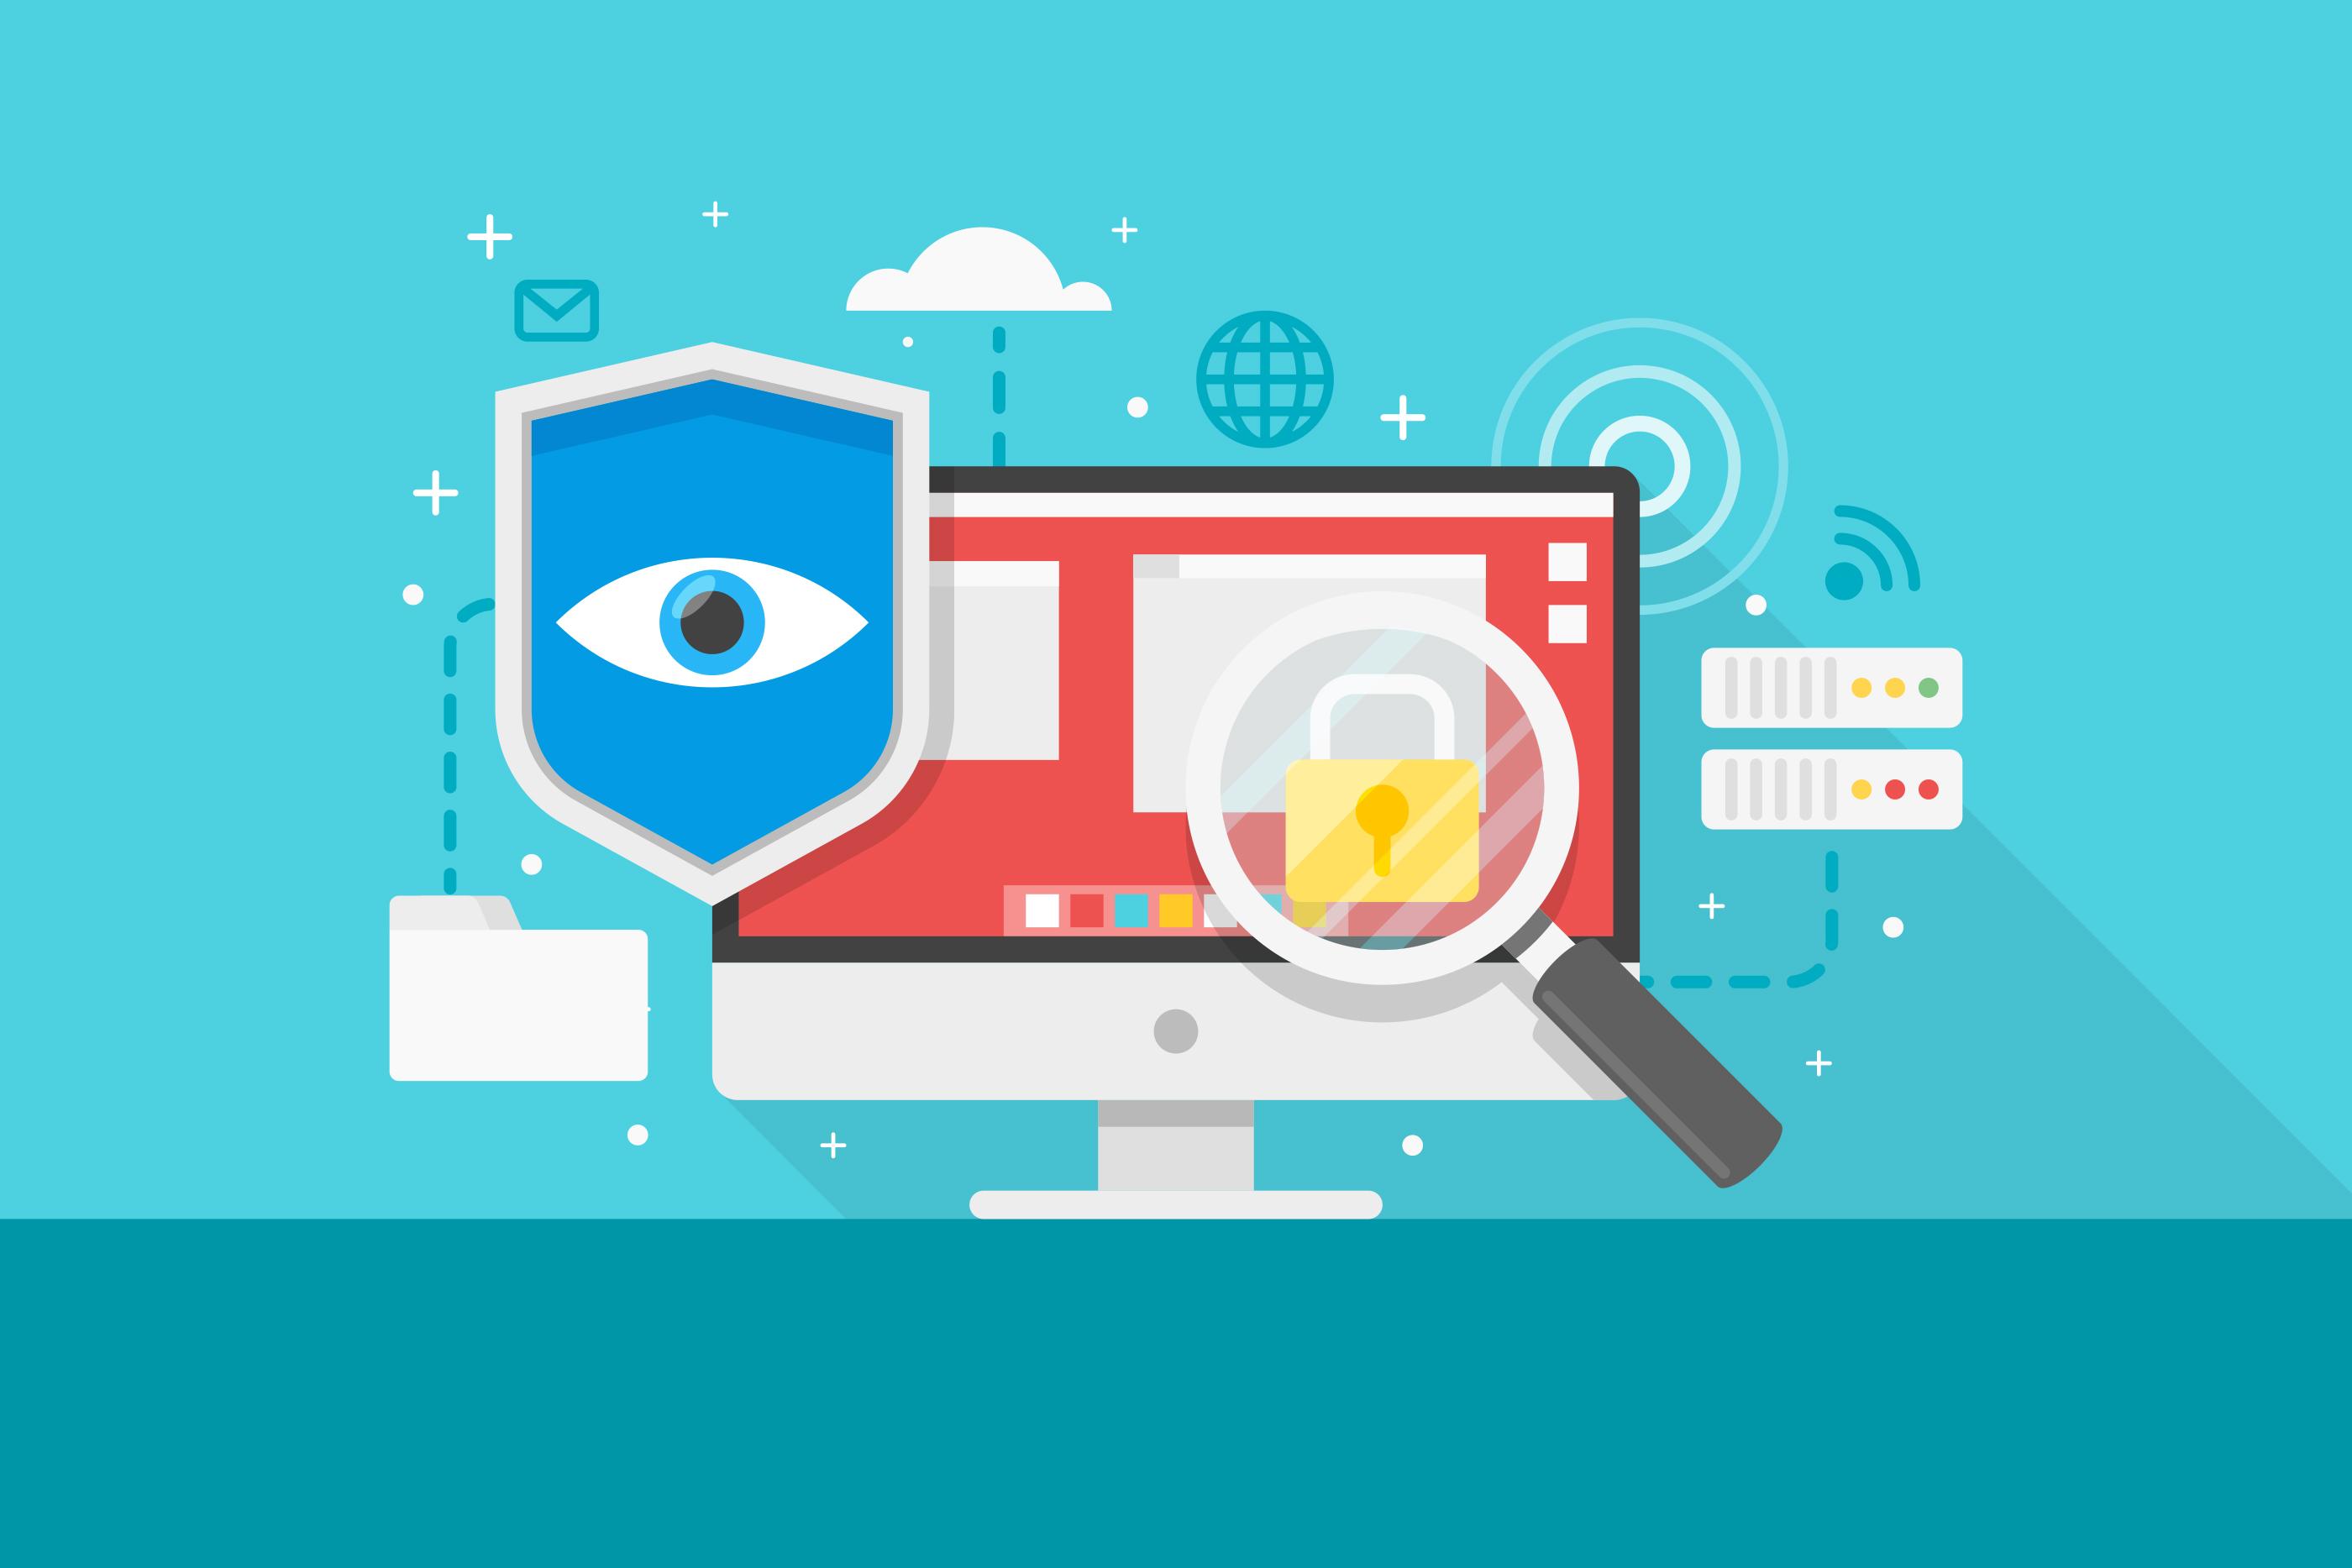 نوشتن حریم خصوصی برای وبسایت محتوایی - بخش دوم